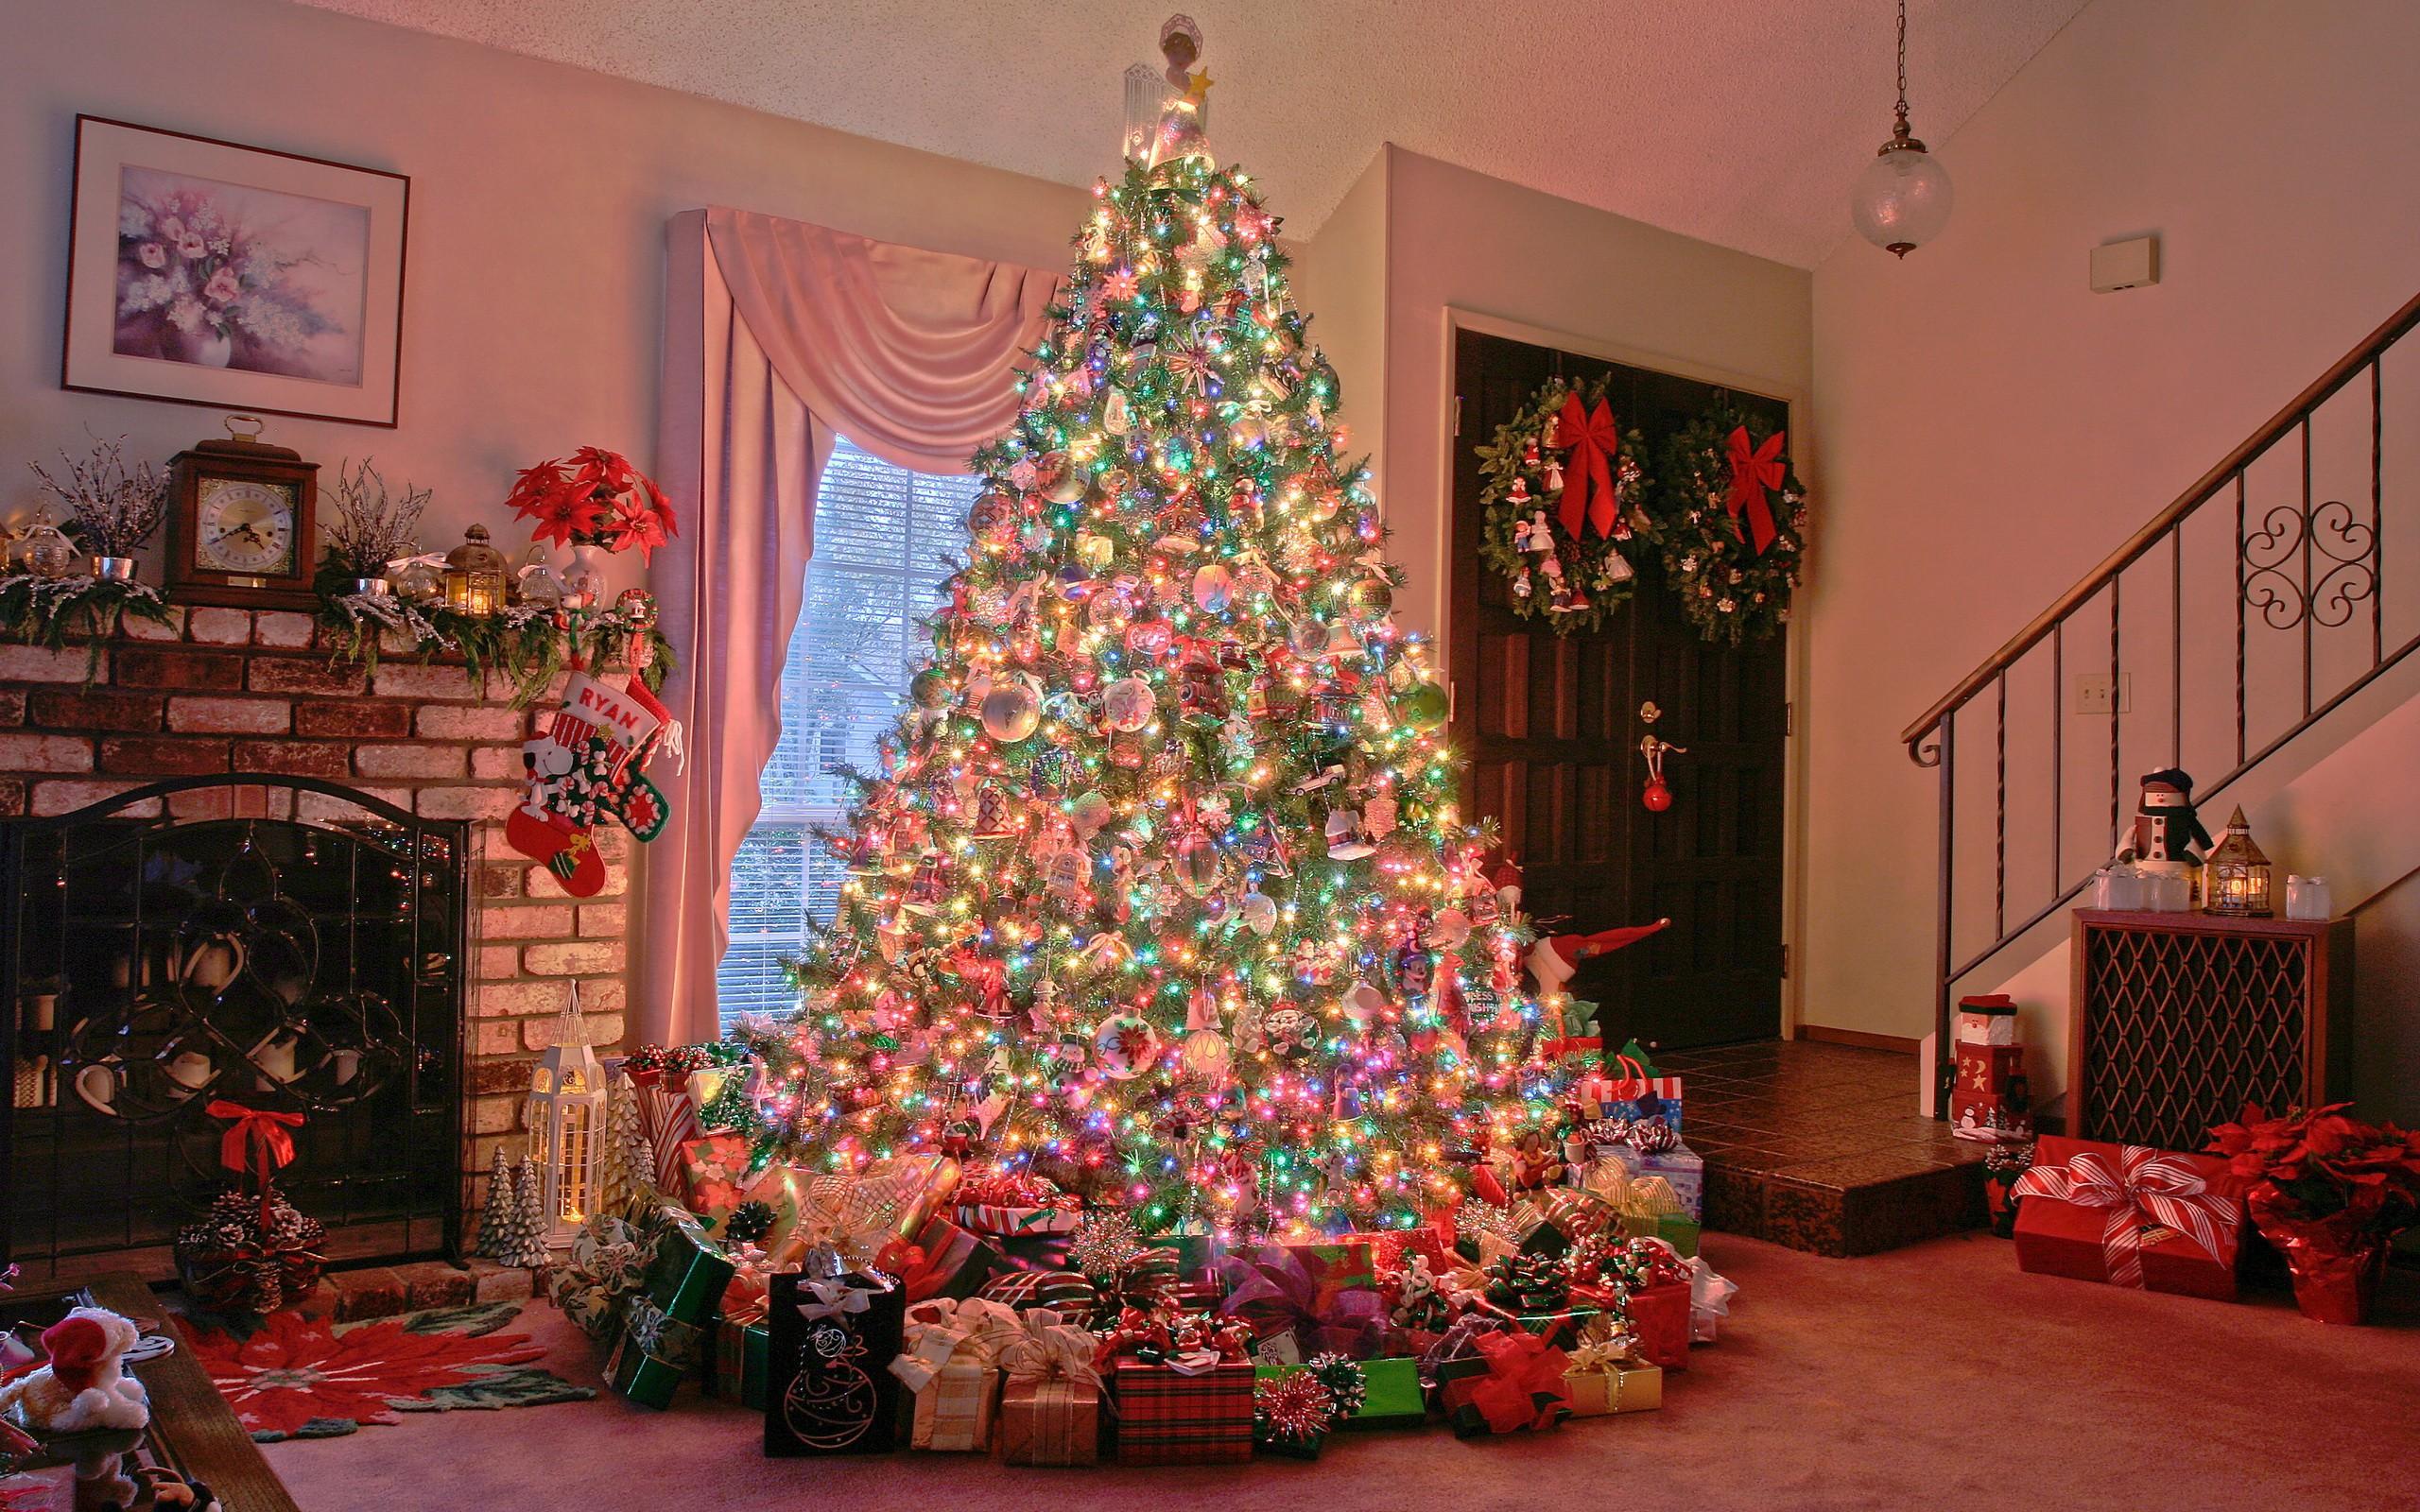 данный снимок, картинки елки для рождества поиск адресов телефонов